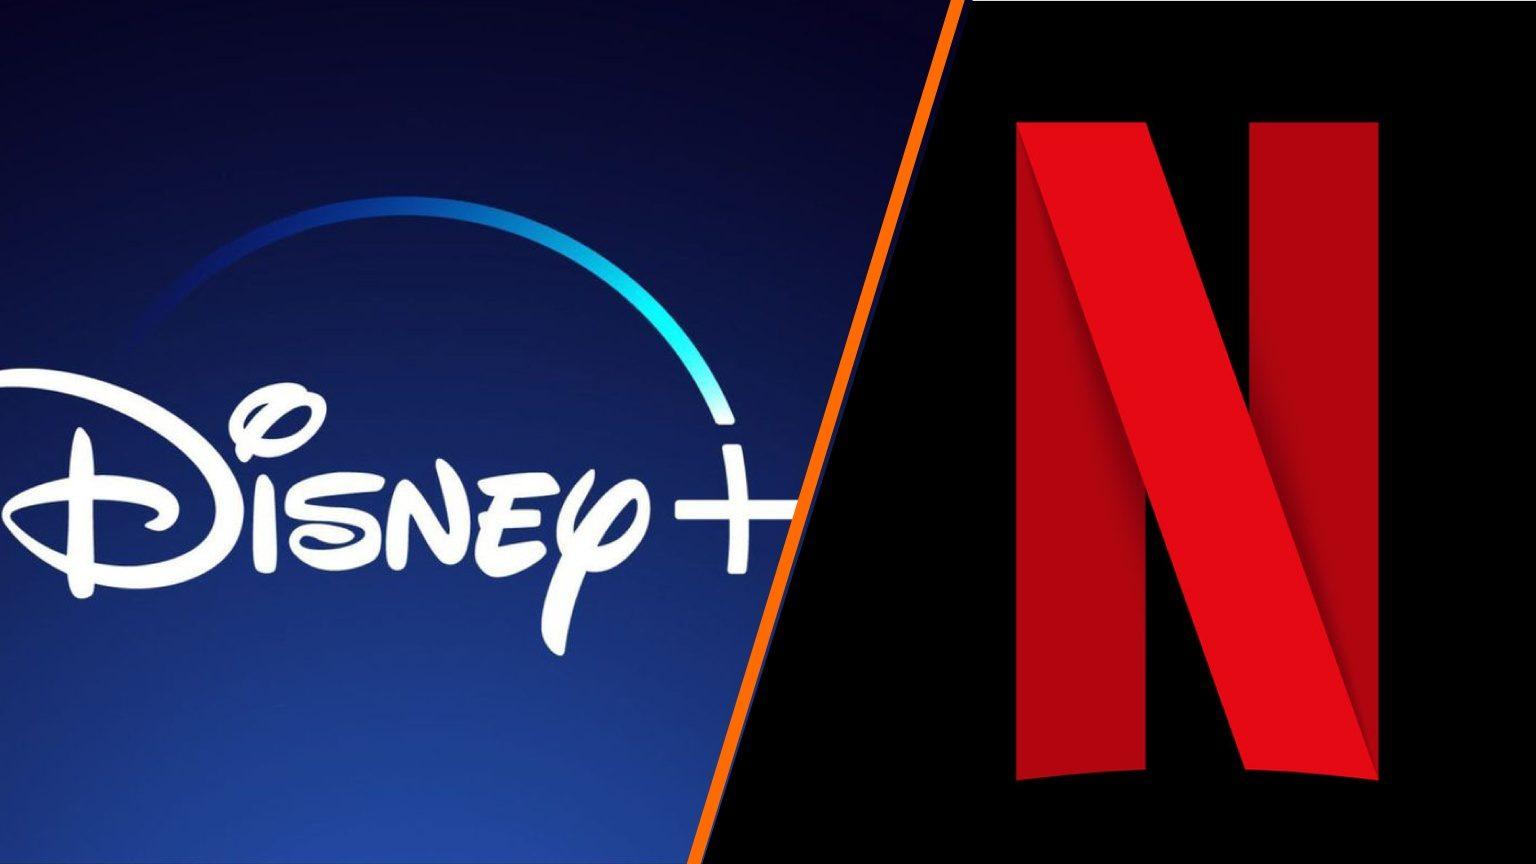 Netflix da la bienvenida a Disney+ y se convierte en un divertido hilo en Twitter